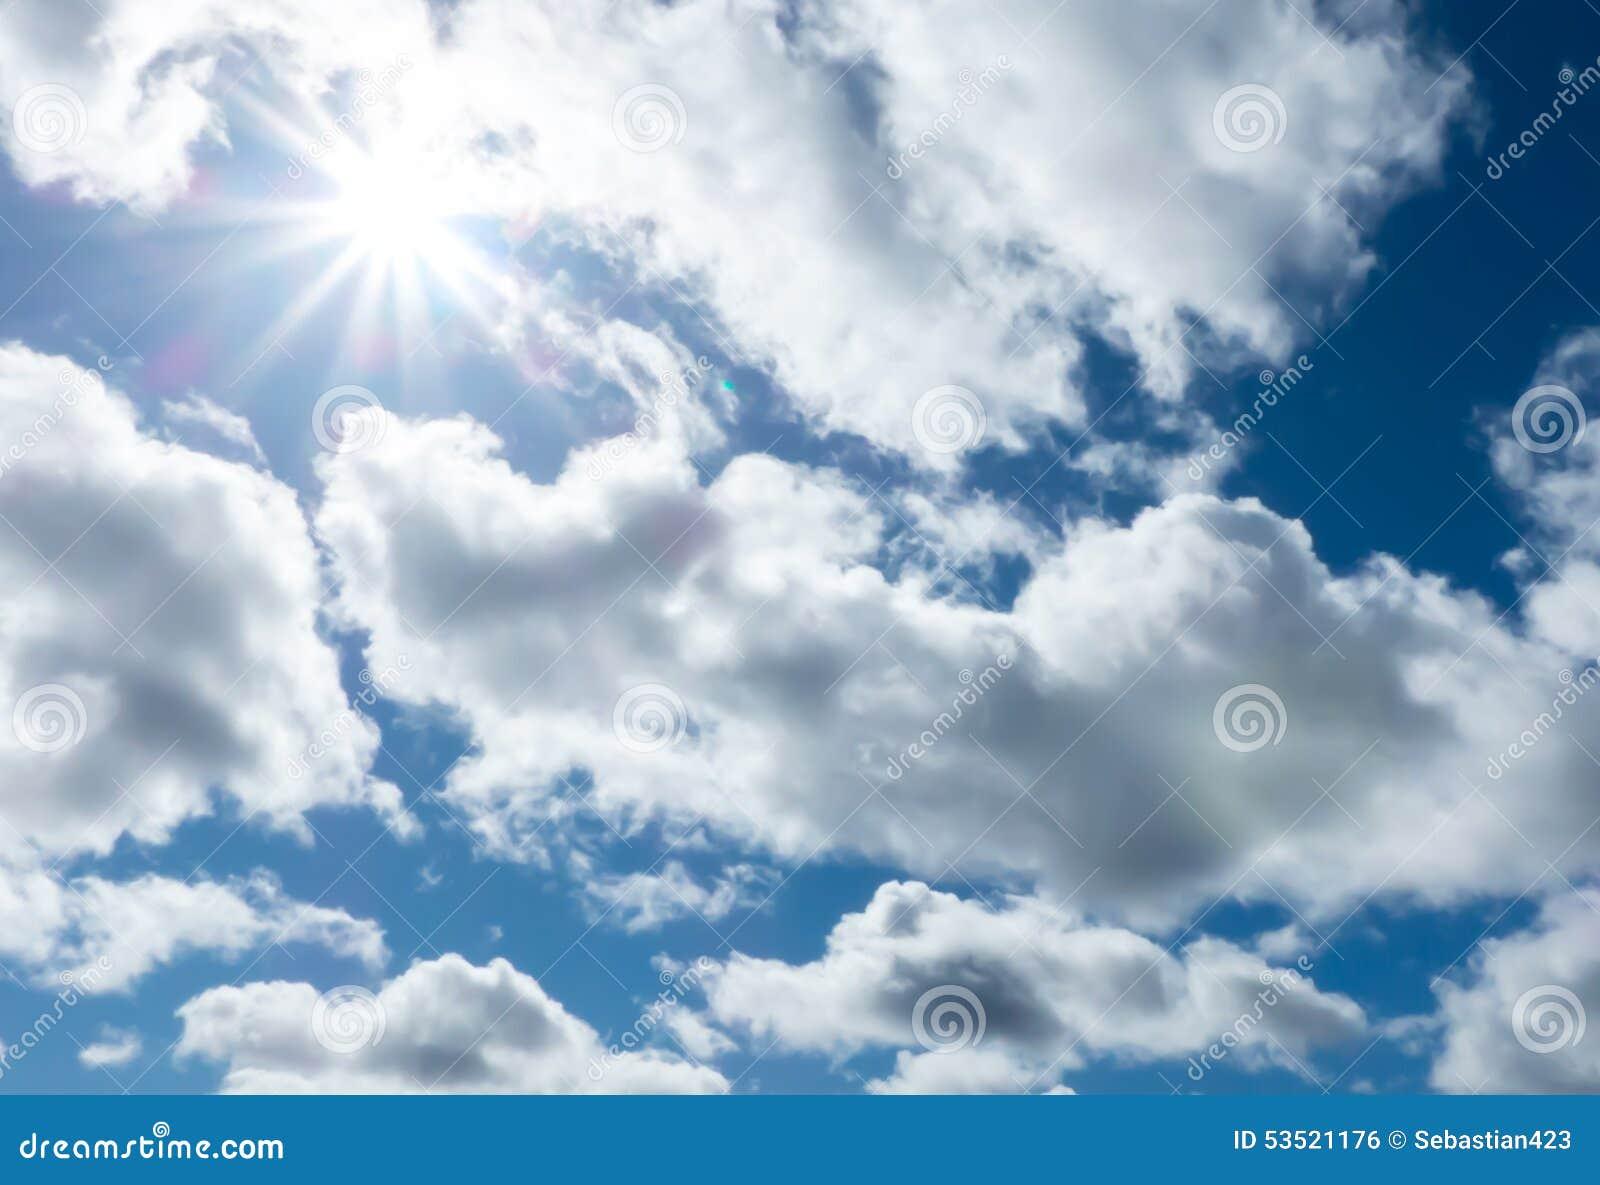 Μπλε ουρανός και ηλιοφάνεια σύννεφων